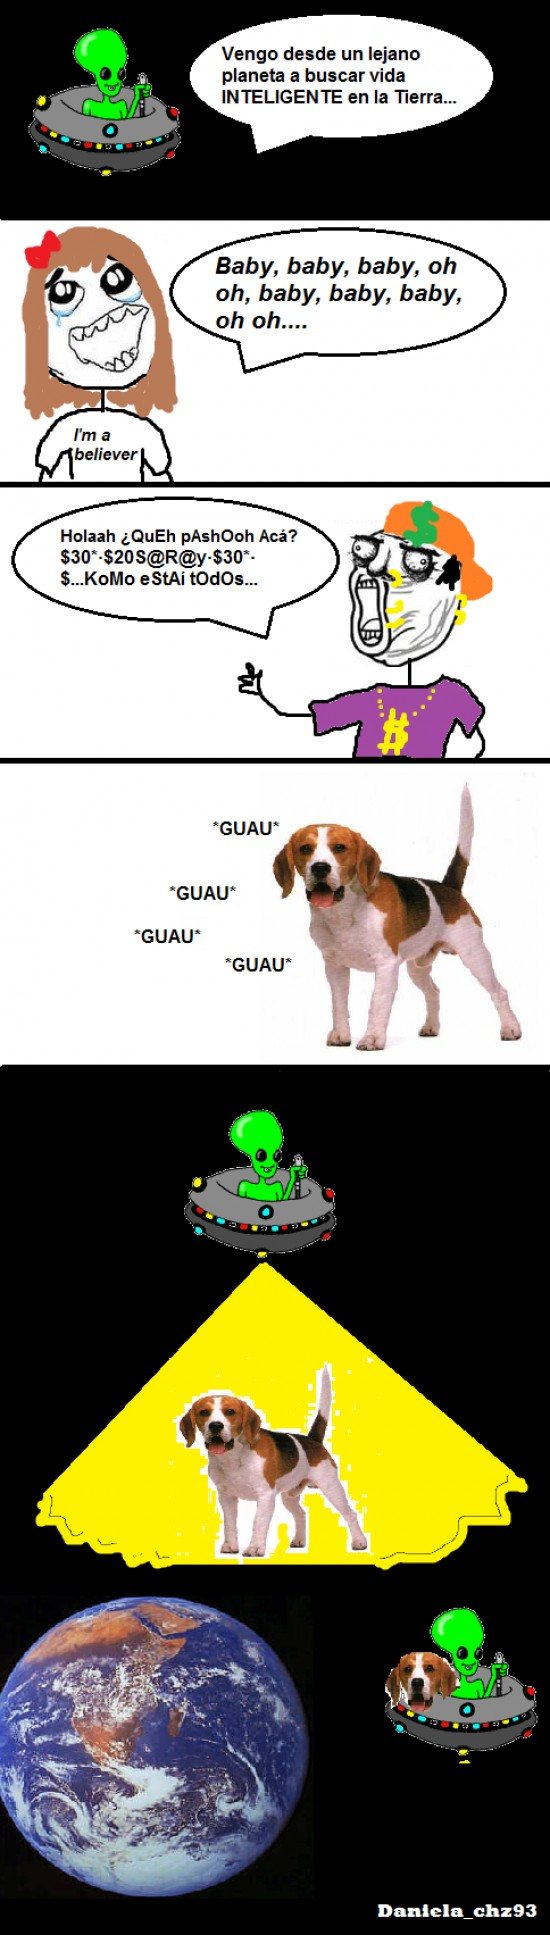 beliebver,cani,extraterrestre,perro abducir